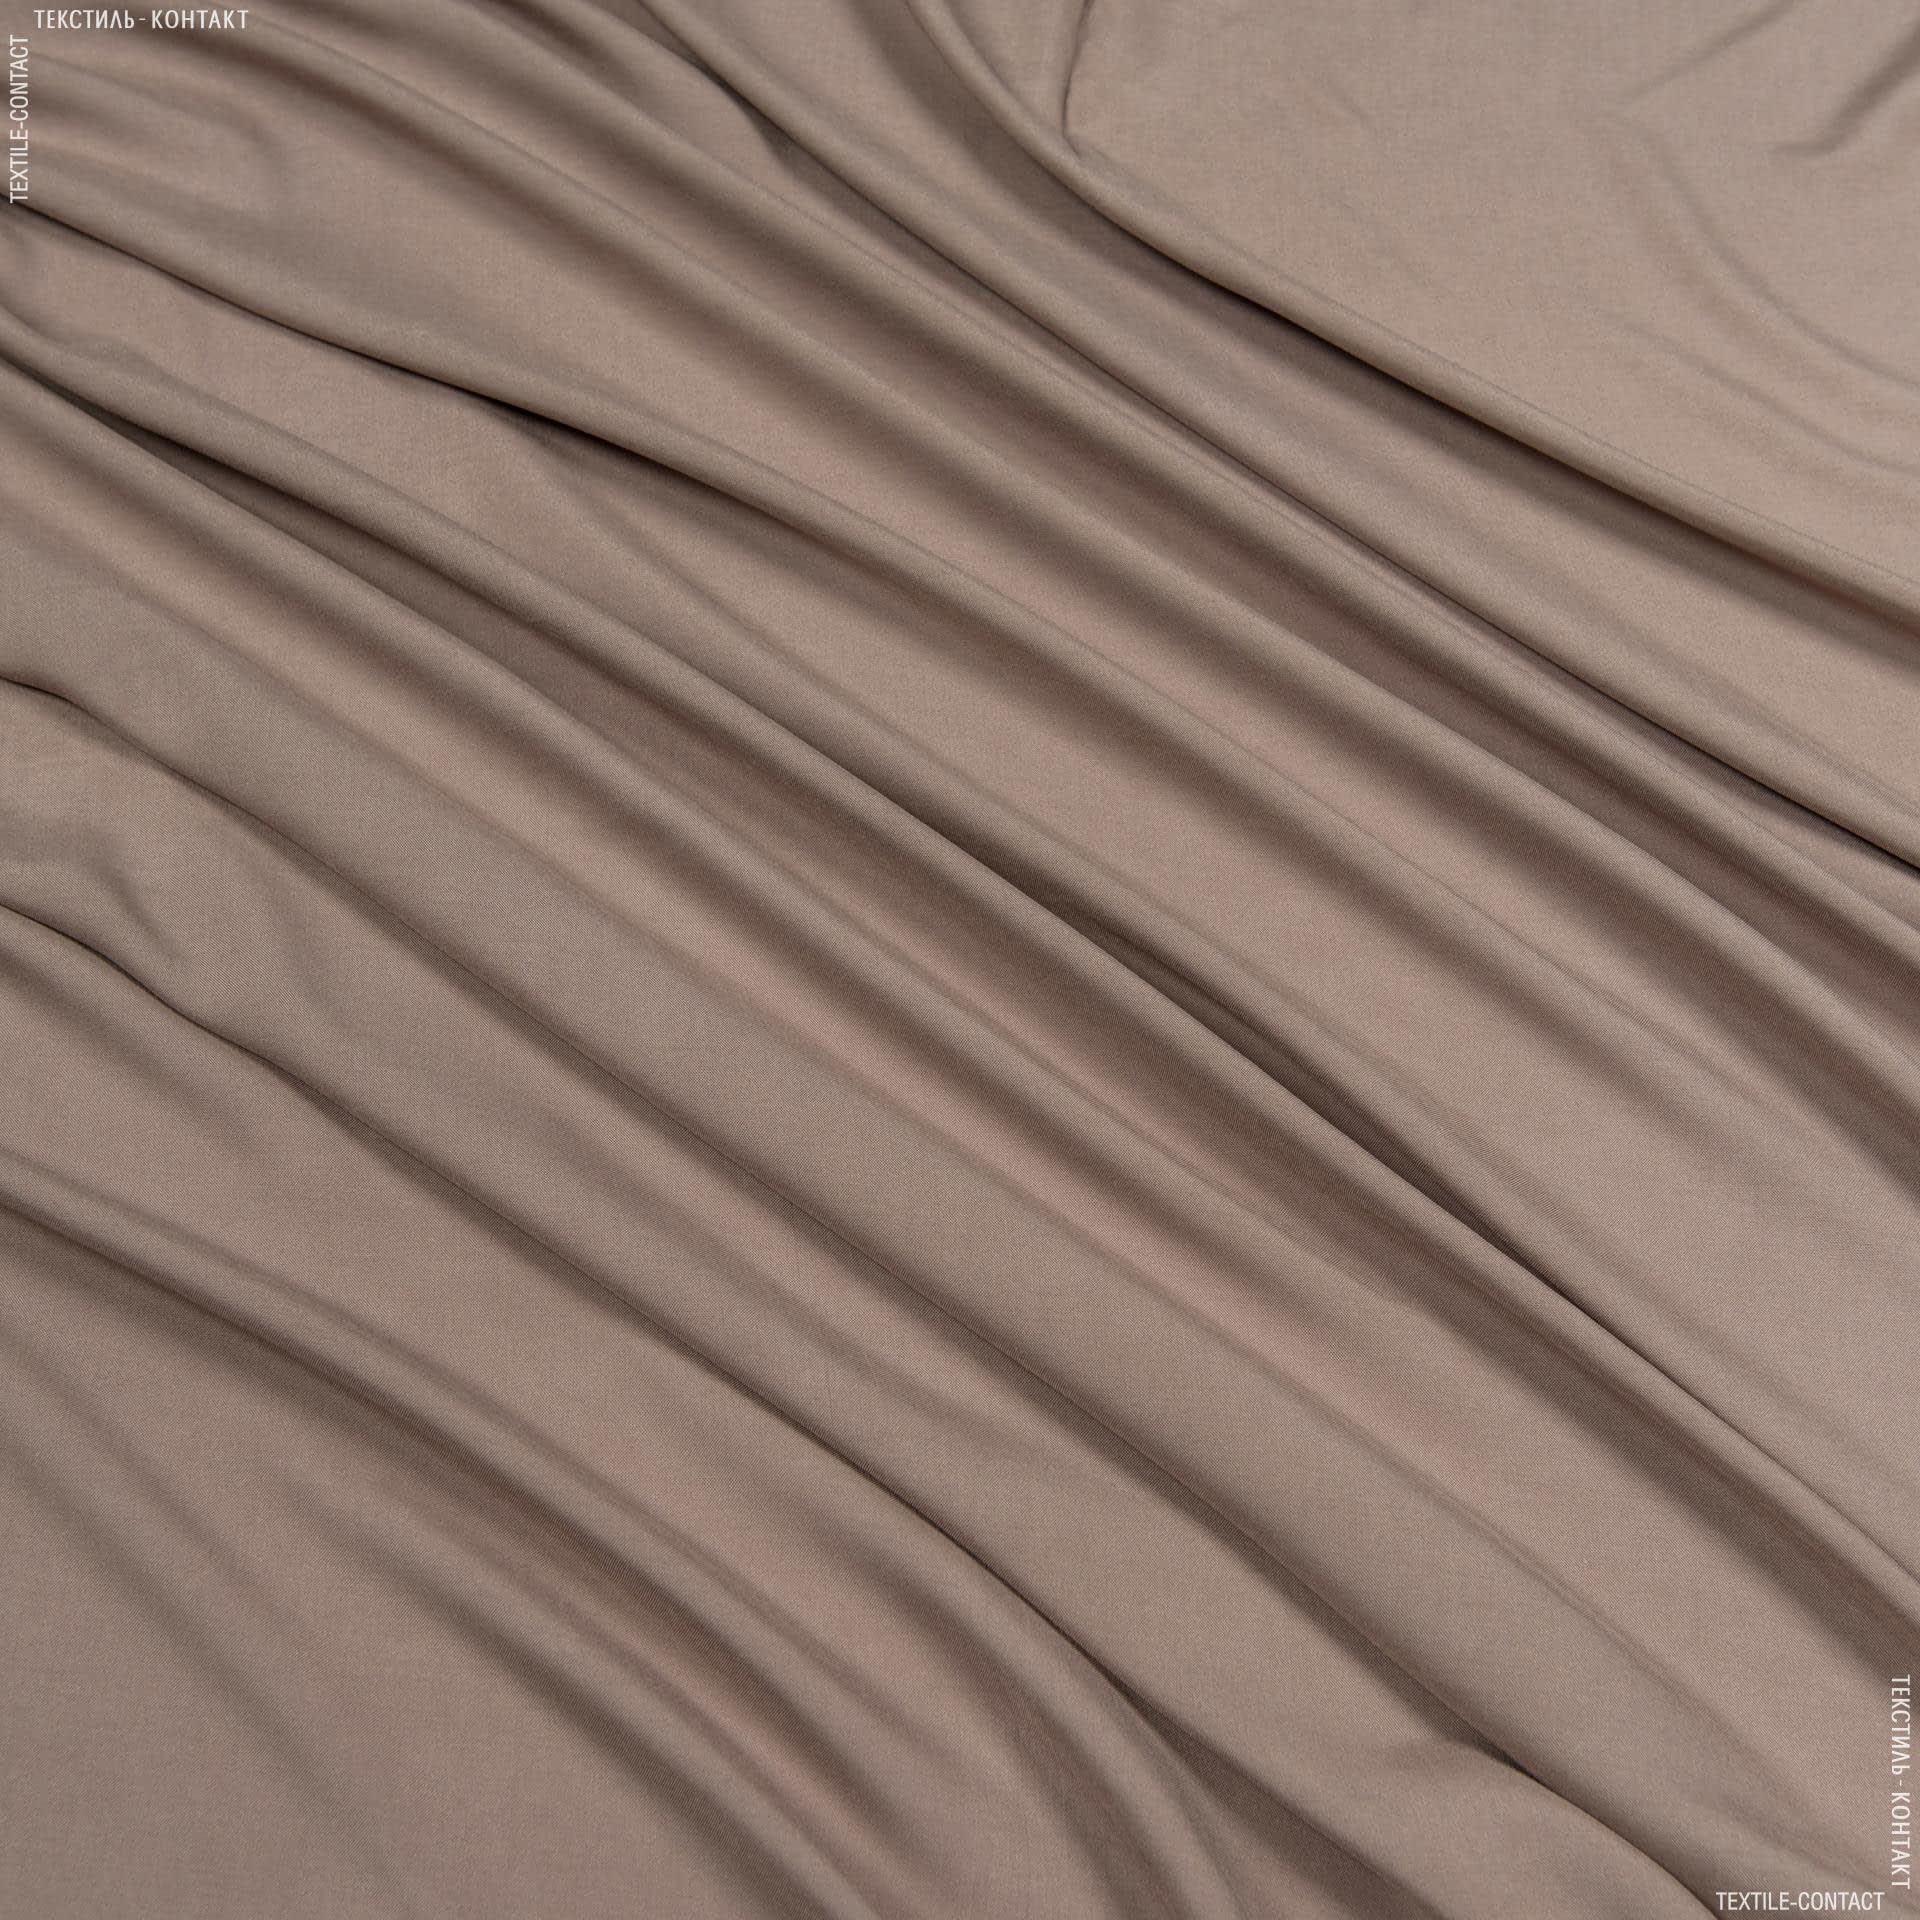 Ткани для детской одежды - Штапель фалма светло-коричневый